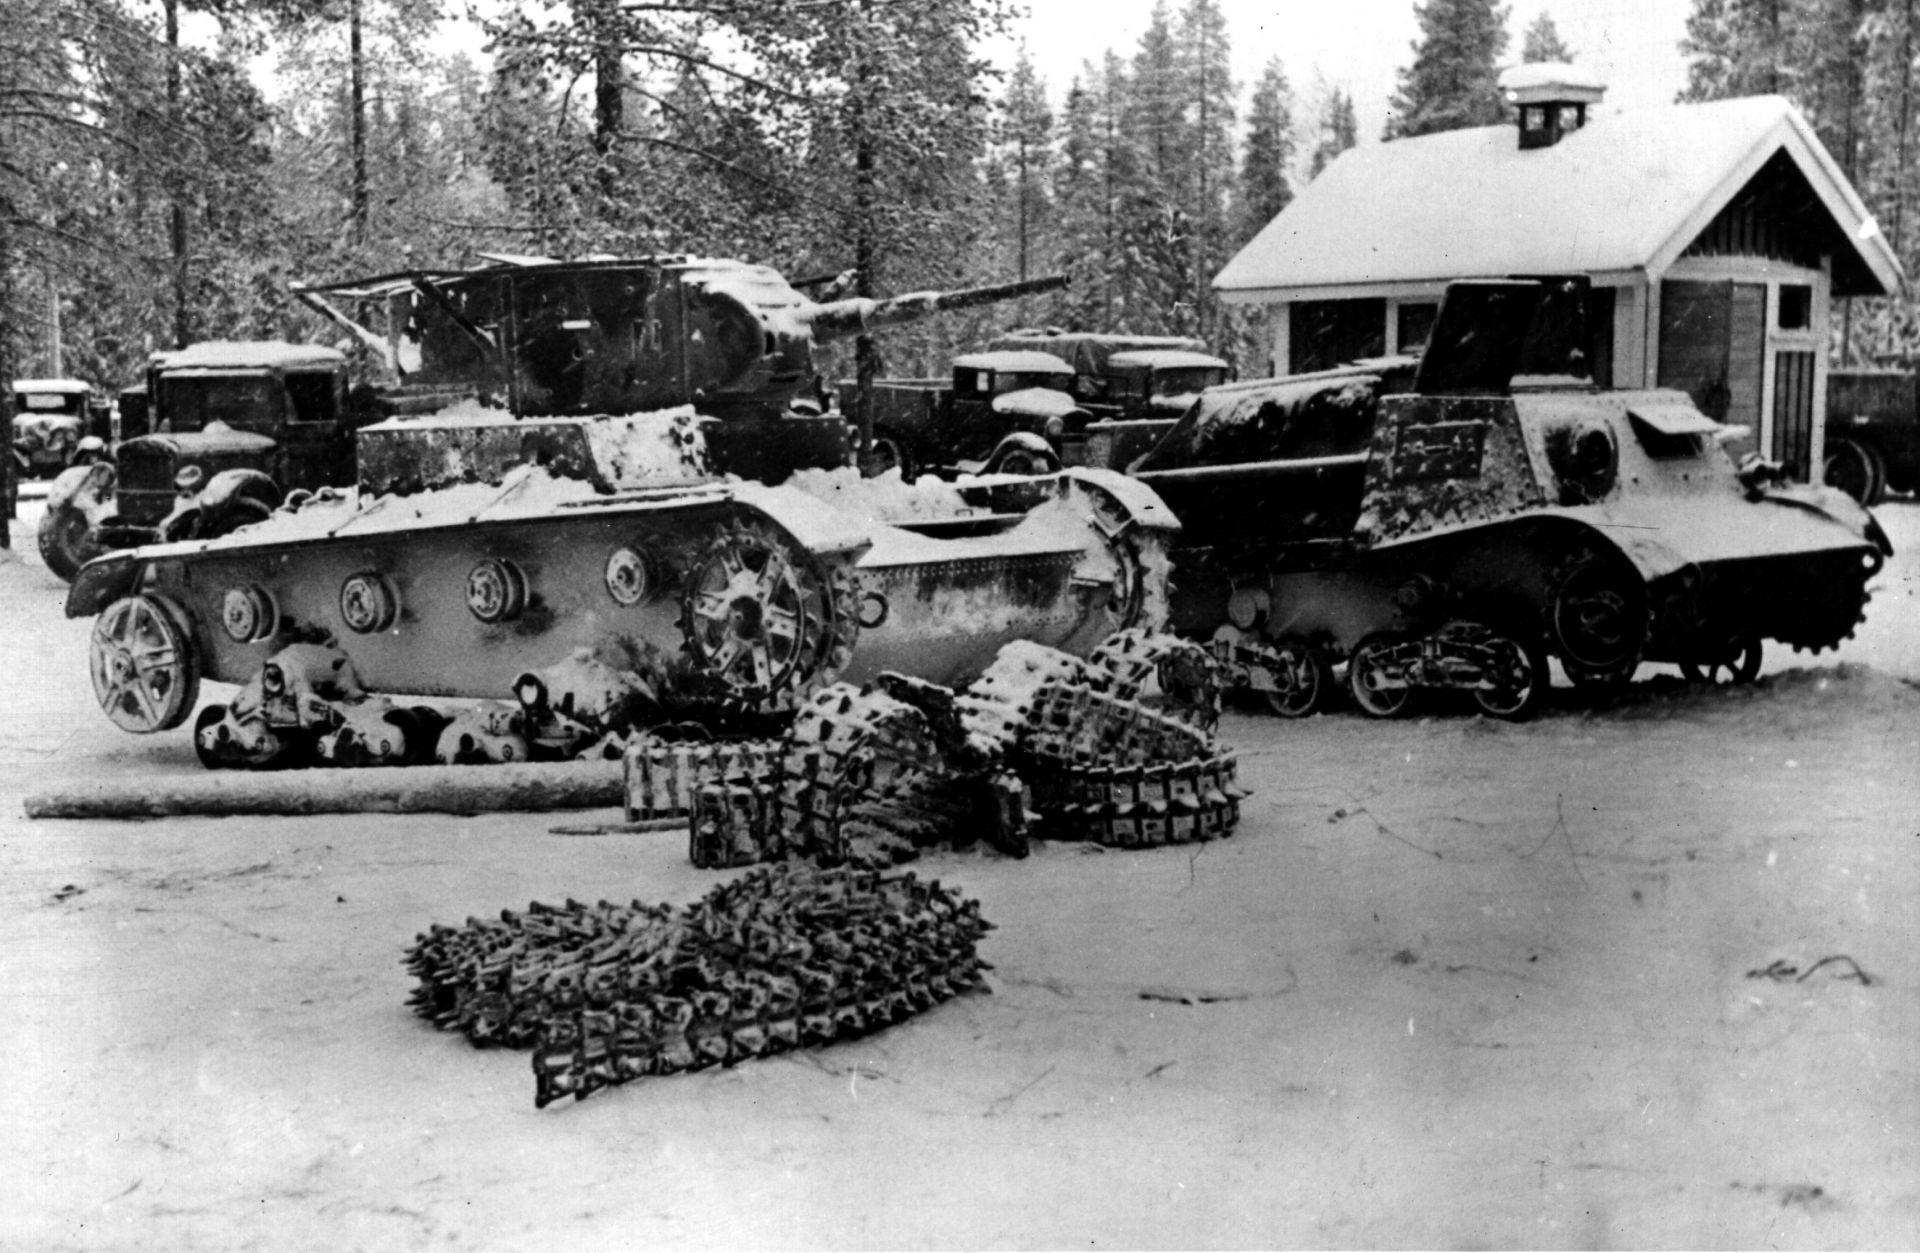 Пленени от финландците руски танкове